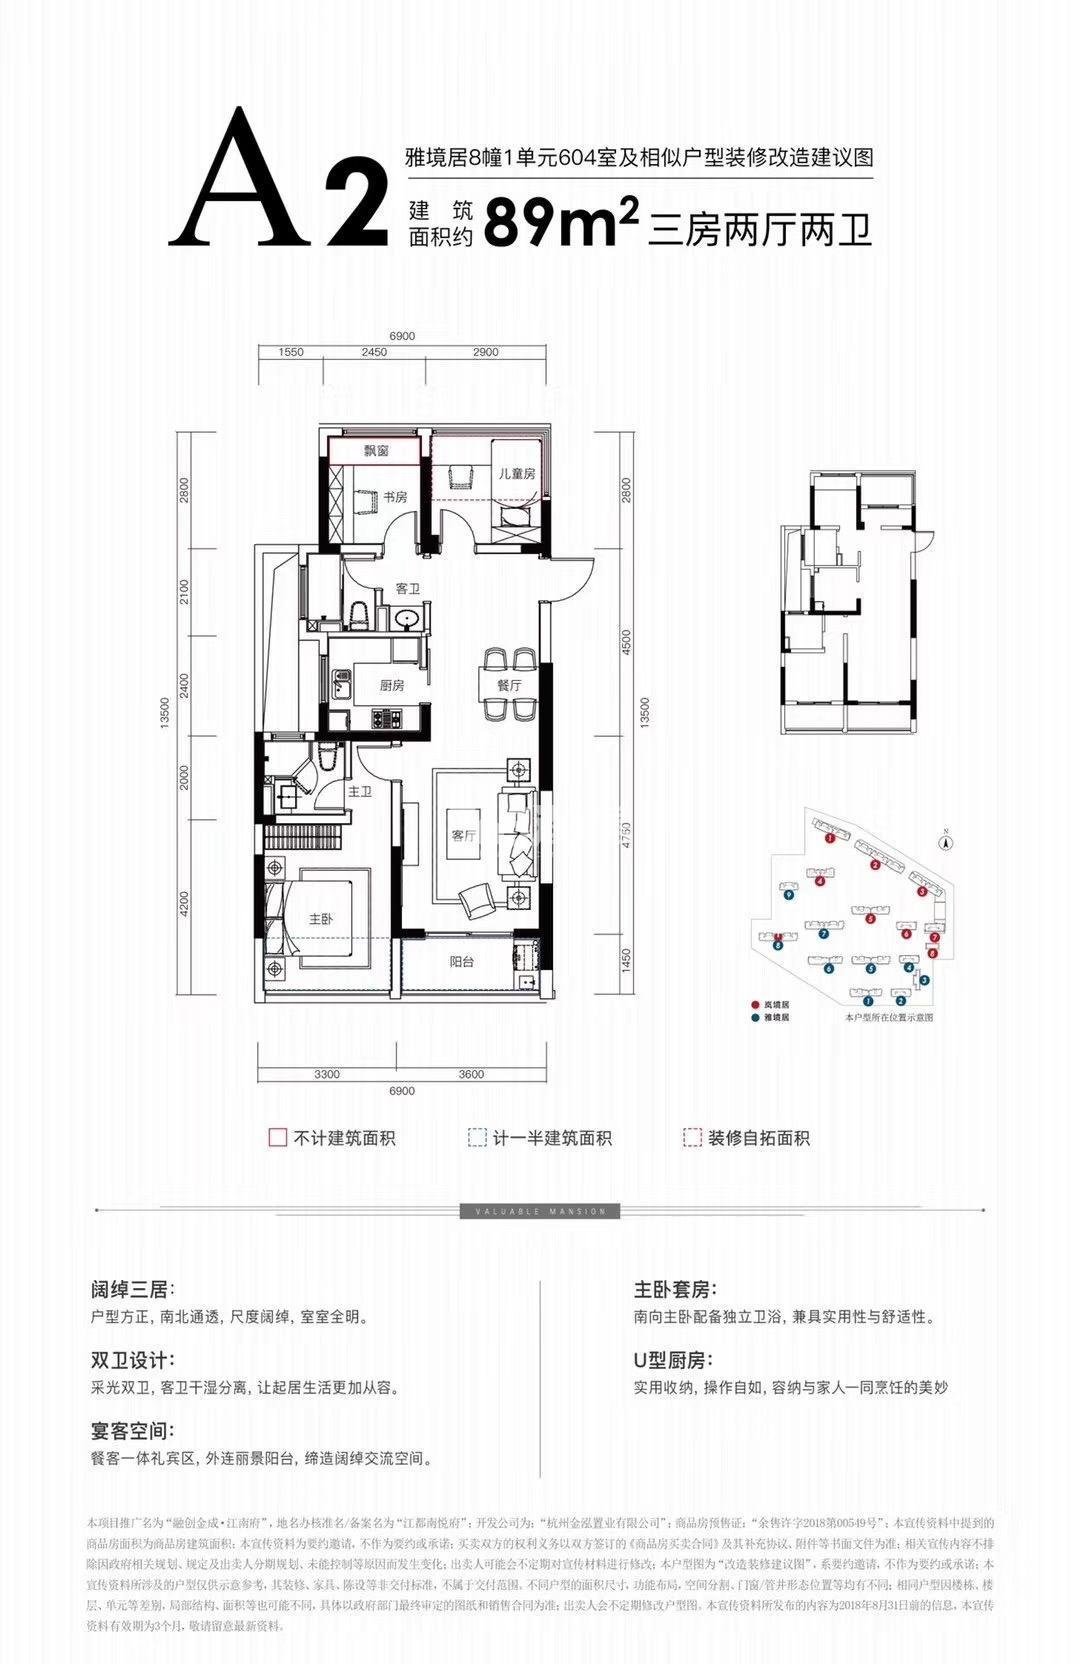 融创金成江南府二期8号楼A2户型89方